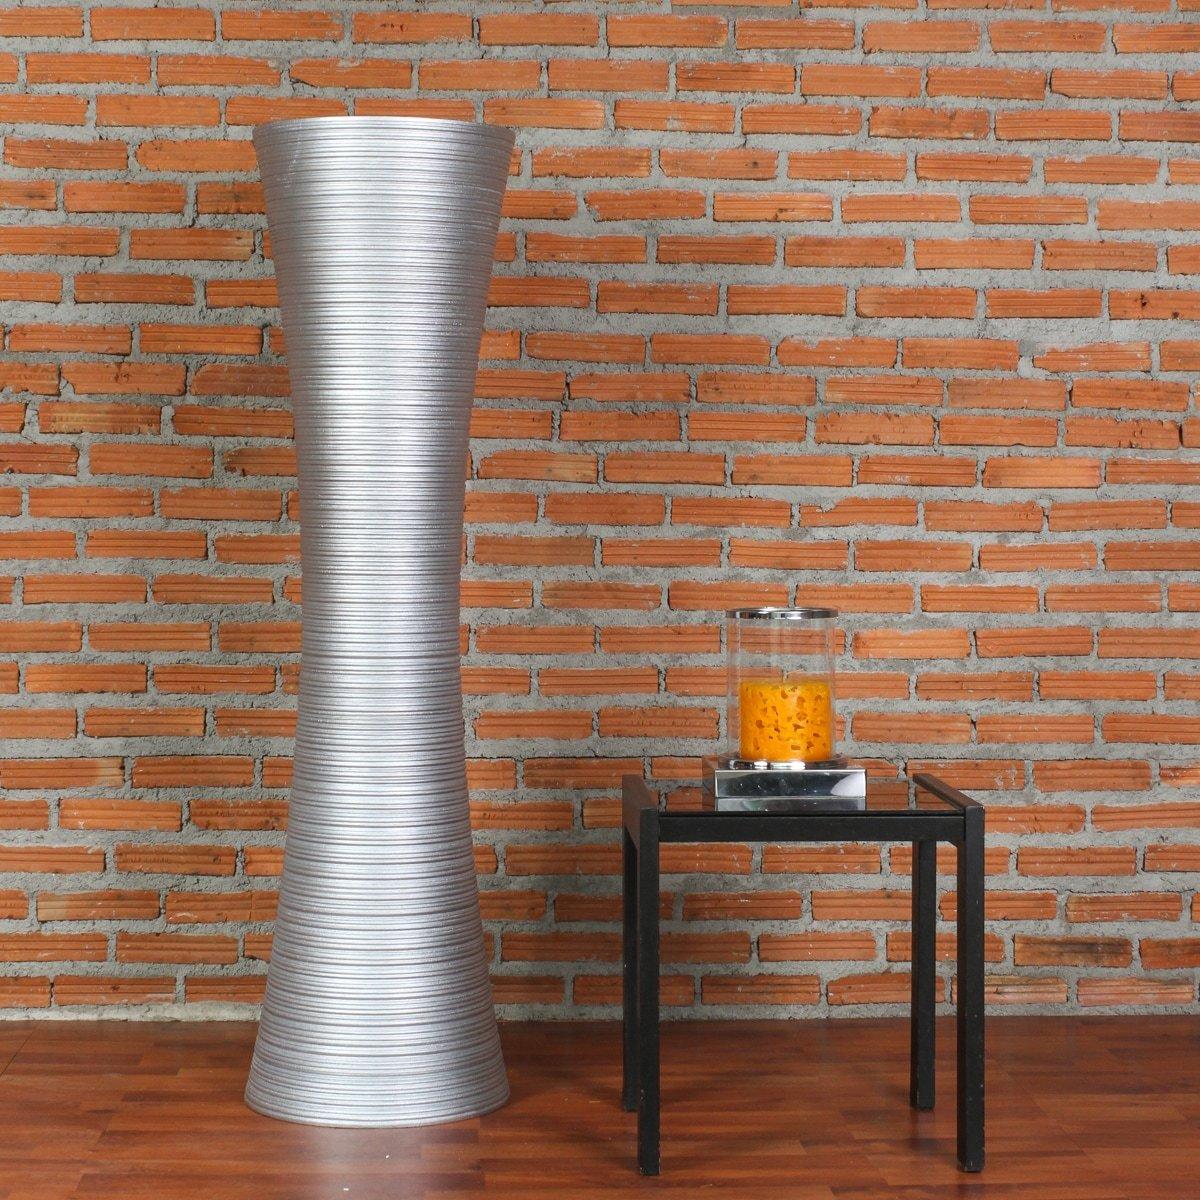 Leewadee Große Große Große Bodenvase für Dekozweige hohe Standvase Design Holzvase, 30x112 cm, Holz, silberfarben cf88a6